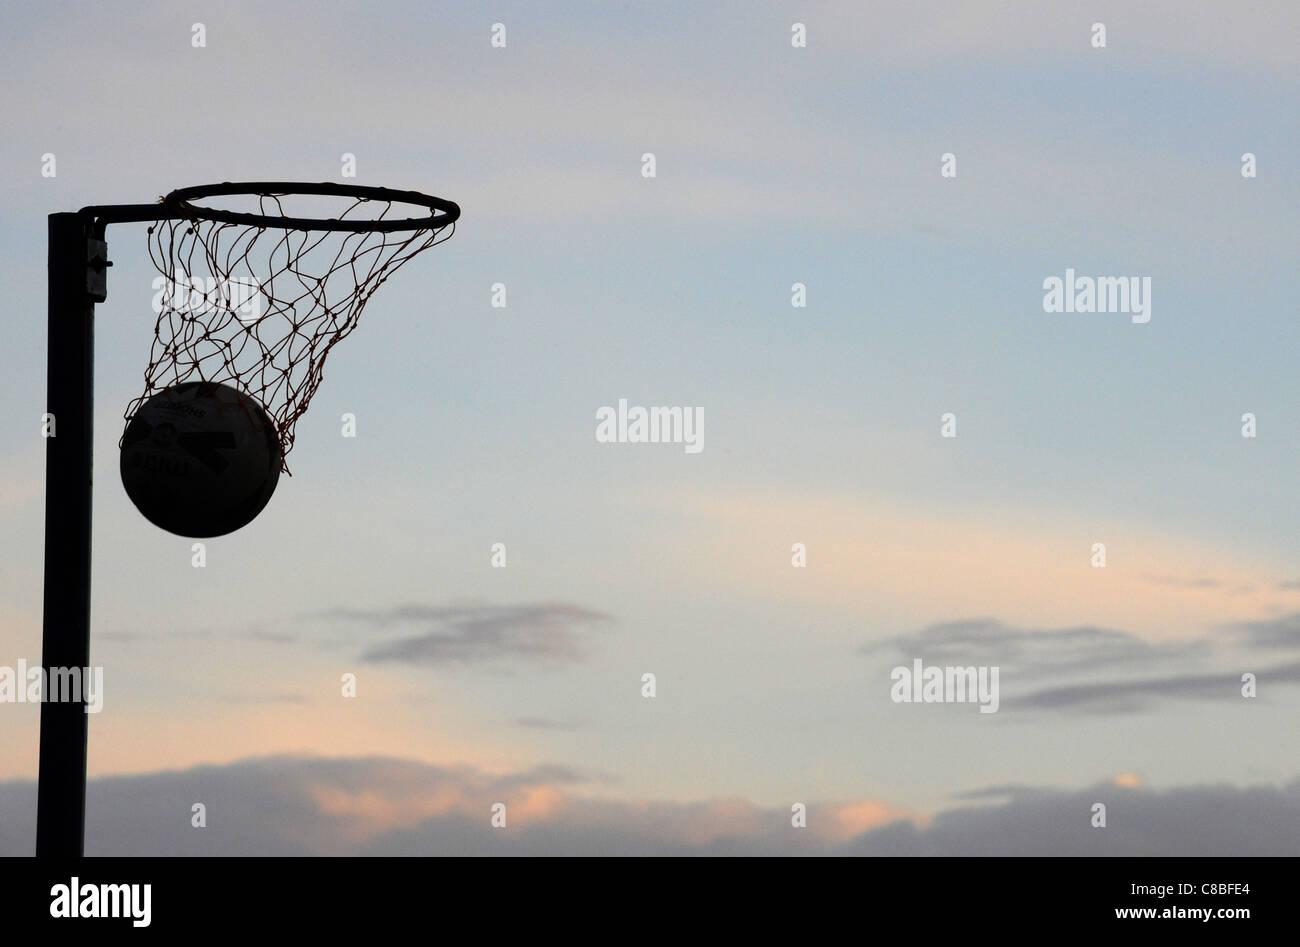 Una silueta de un baloncesto va a través de un aro con ningún jugador al anochecer. Imagen De Stock